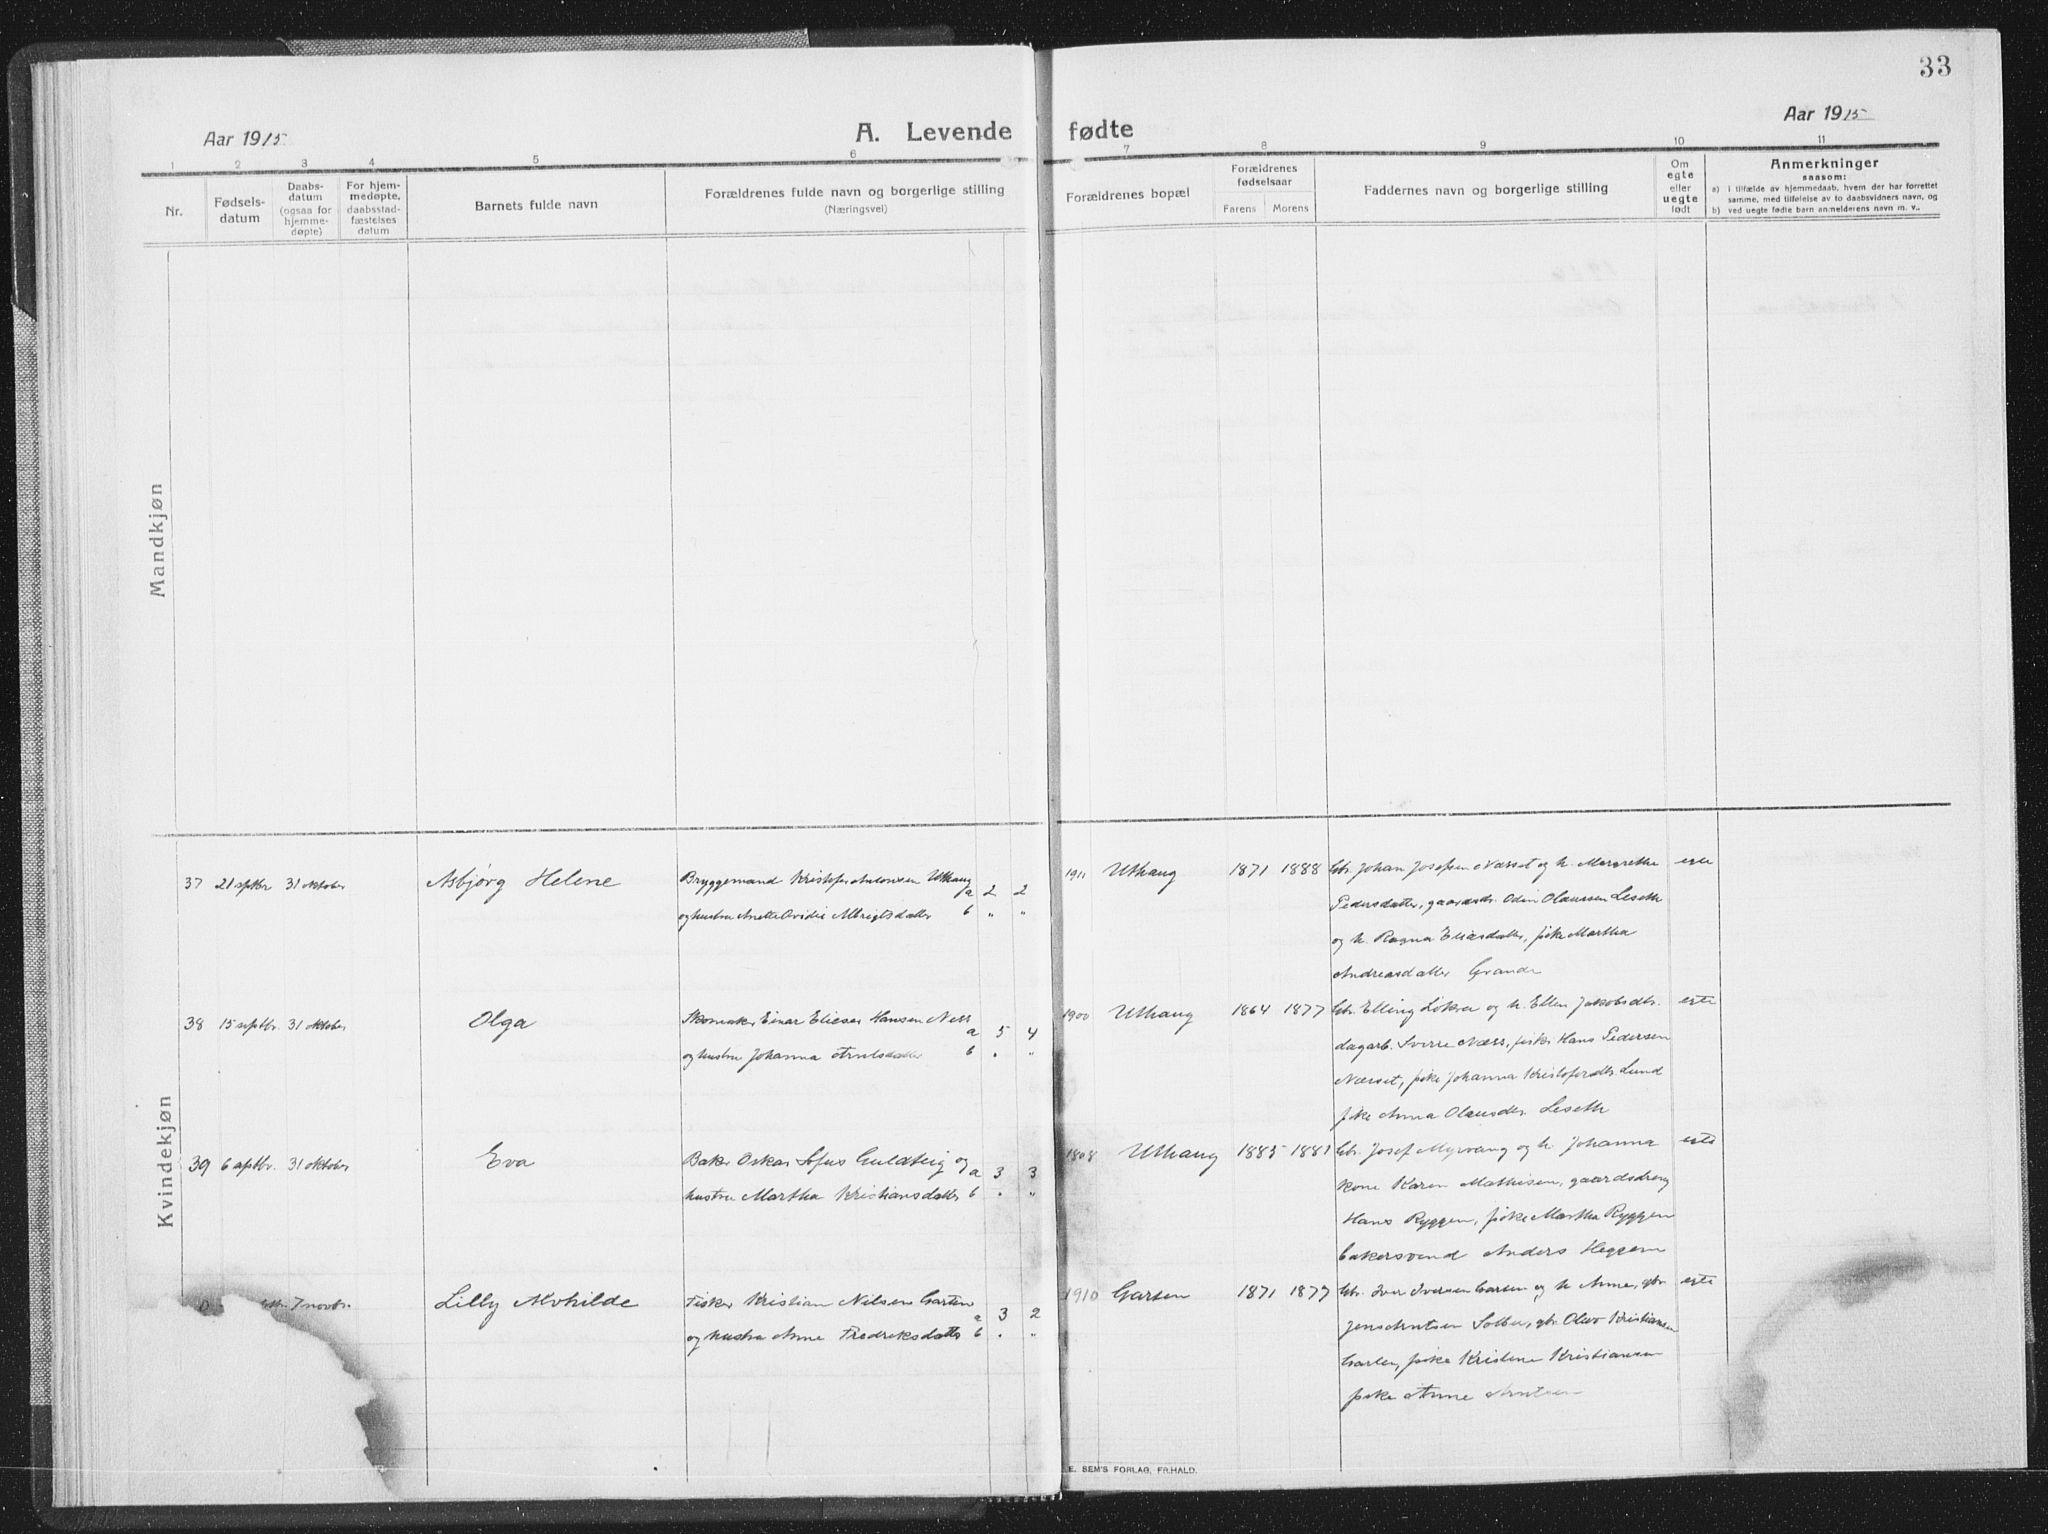 SAT, Ministerialprotokoller, klokkerbøker og fødselsregistre - Sør-Trøndelag, 659/L0747: Klokkerbok nr. 659C04, 1913-1938, s. 33